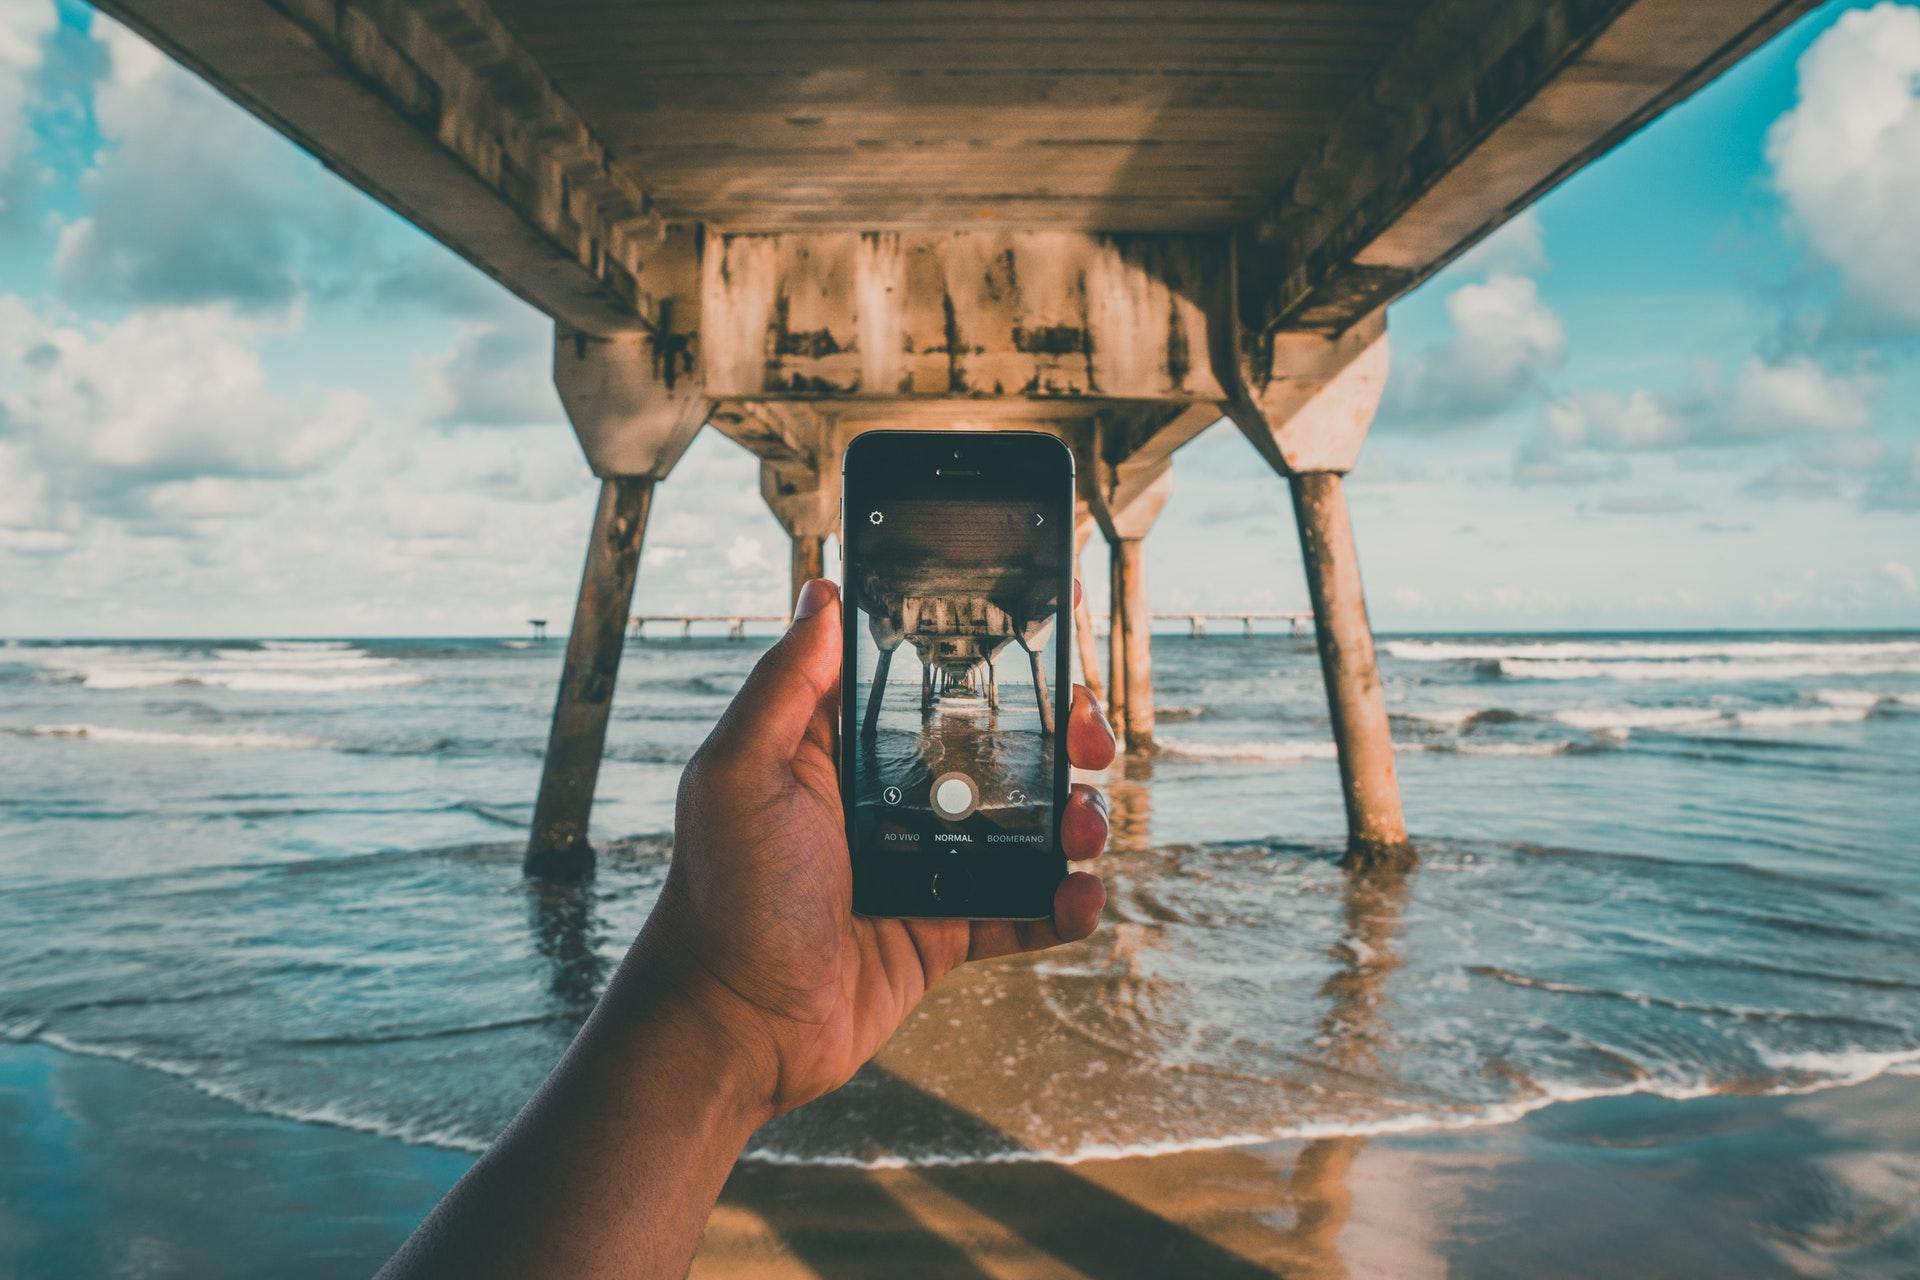 Tirar selfies ajuda a aumentar as lembranças de uma viagem